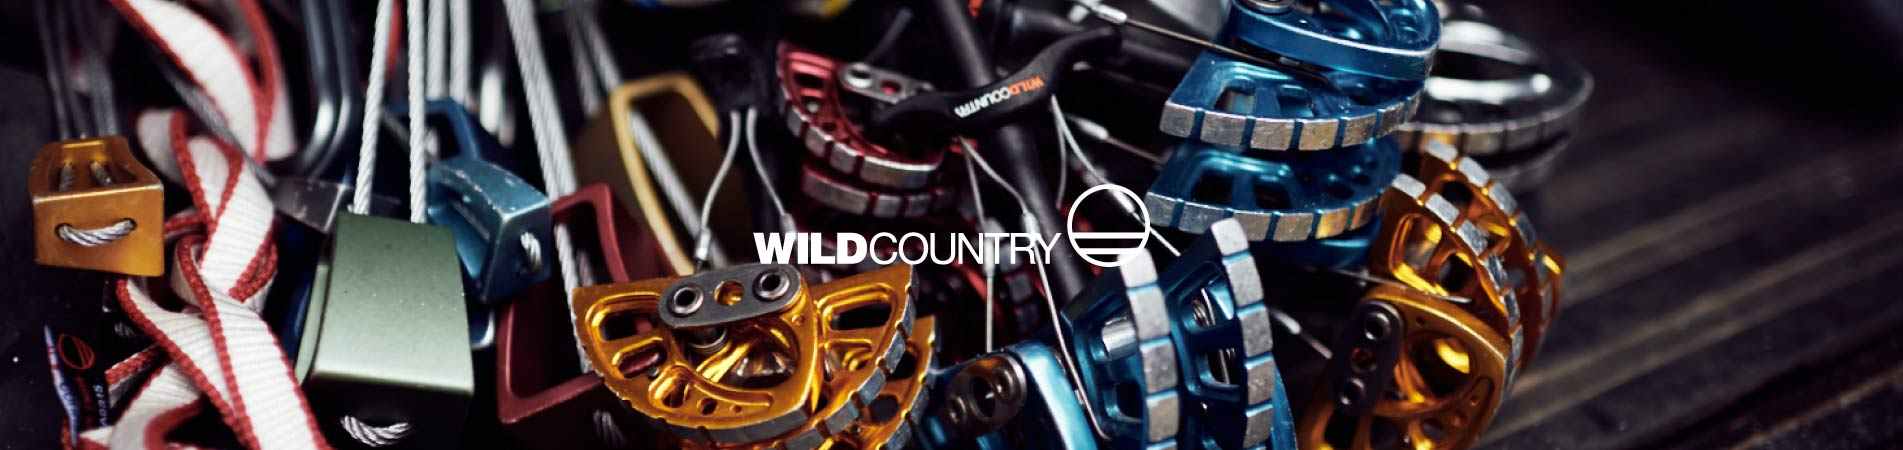 wild-country-brand-banner-v1r0.jpg